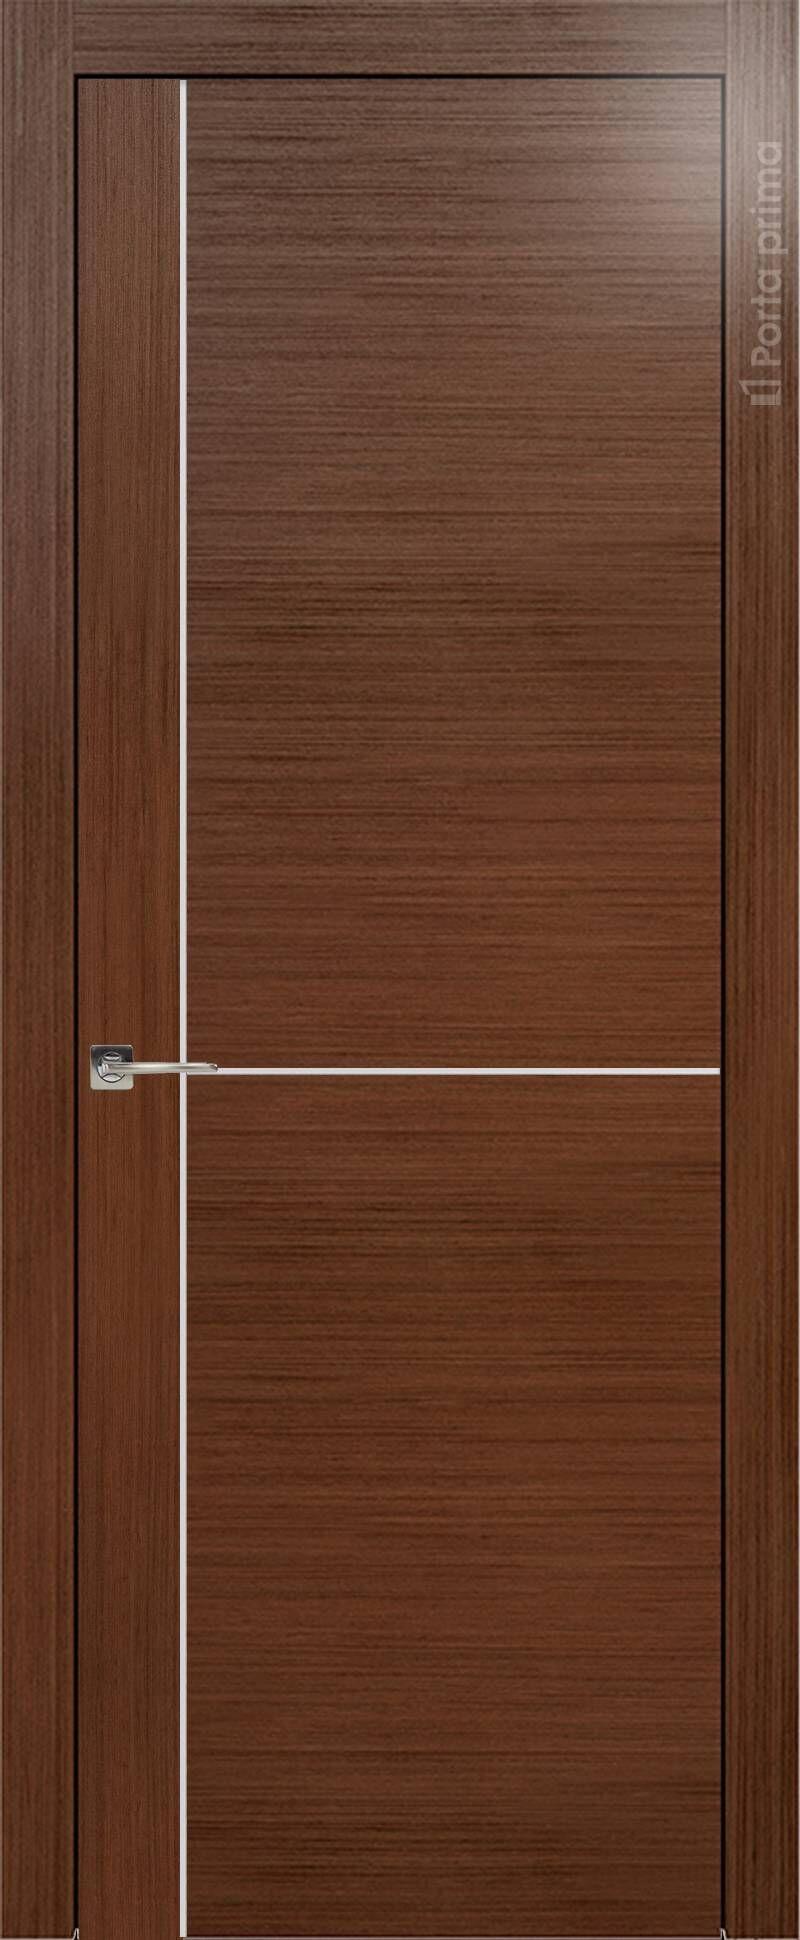 Tivoli Е-3 цвет - Темный орех Без стекла (ДГ)